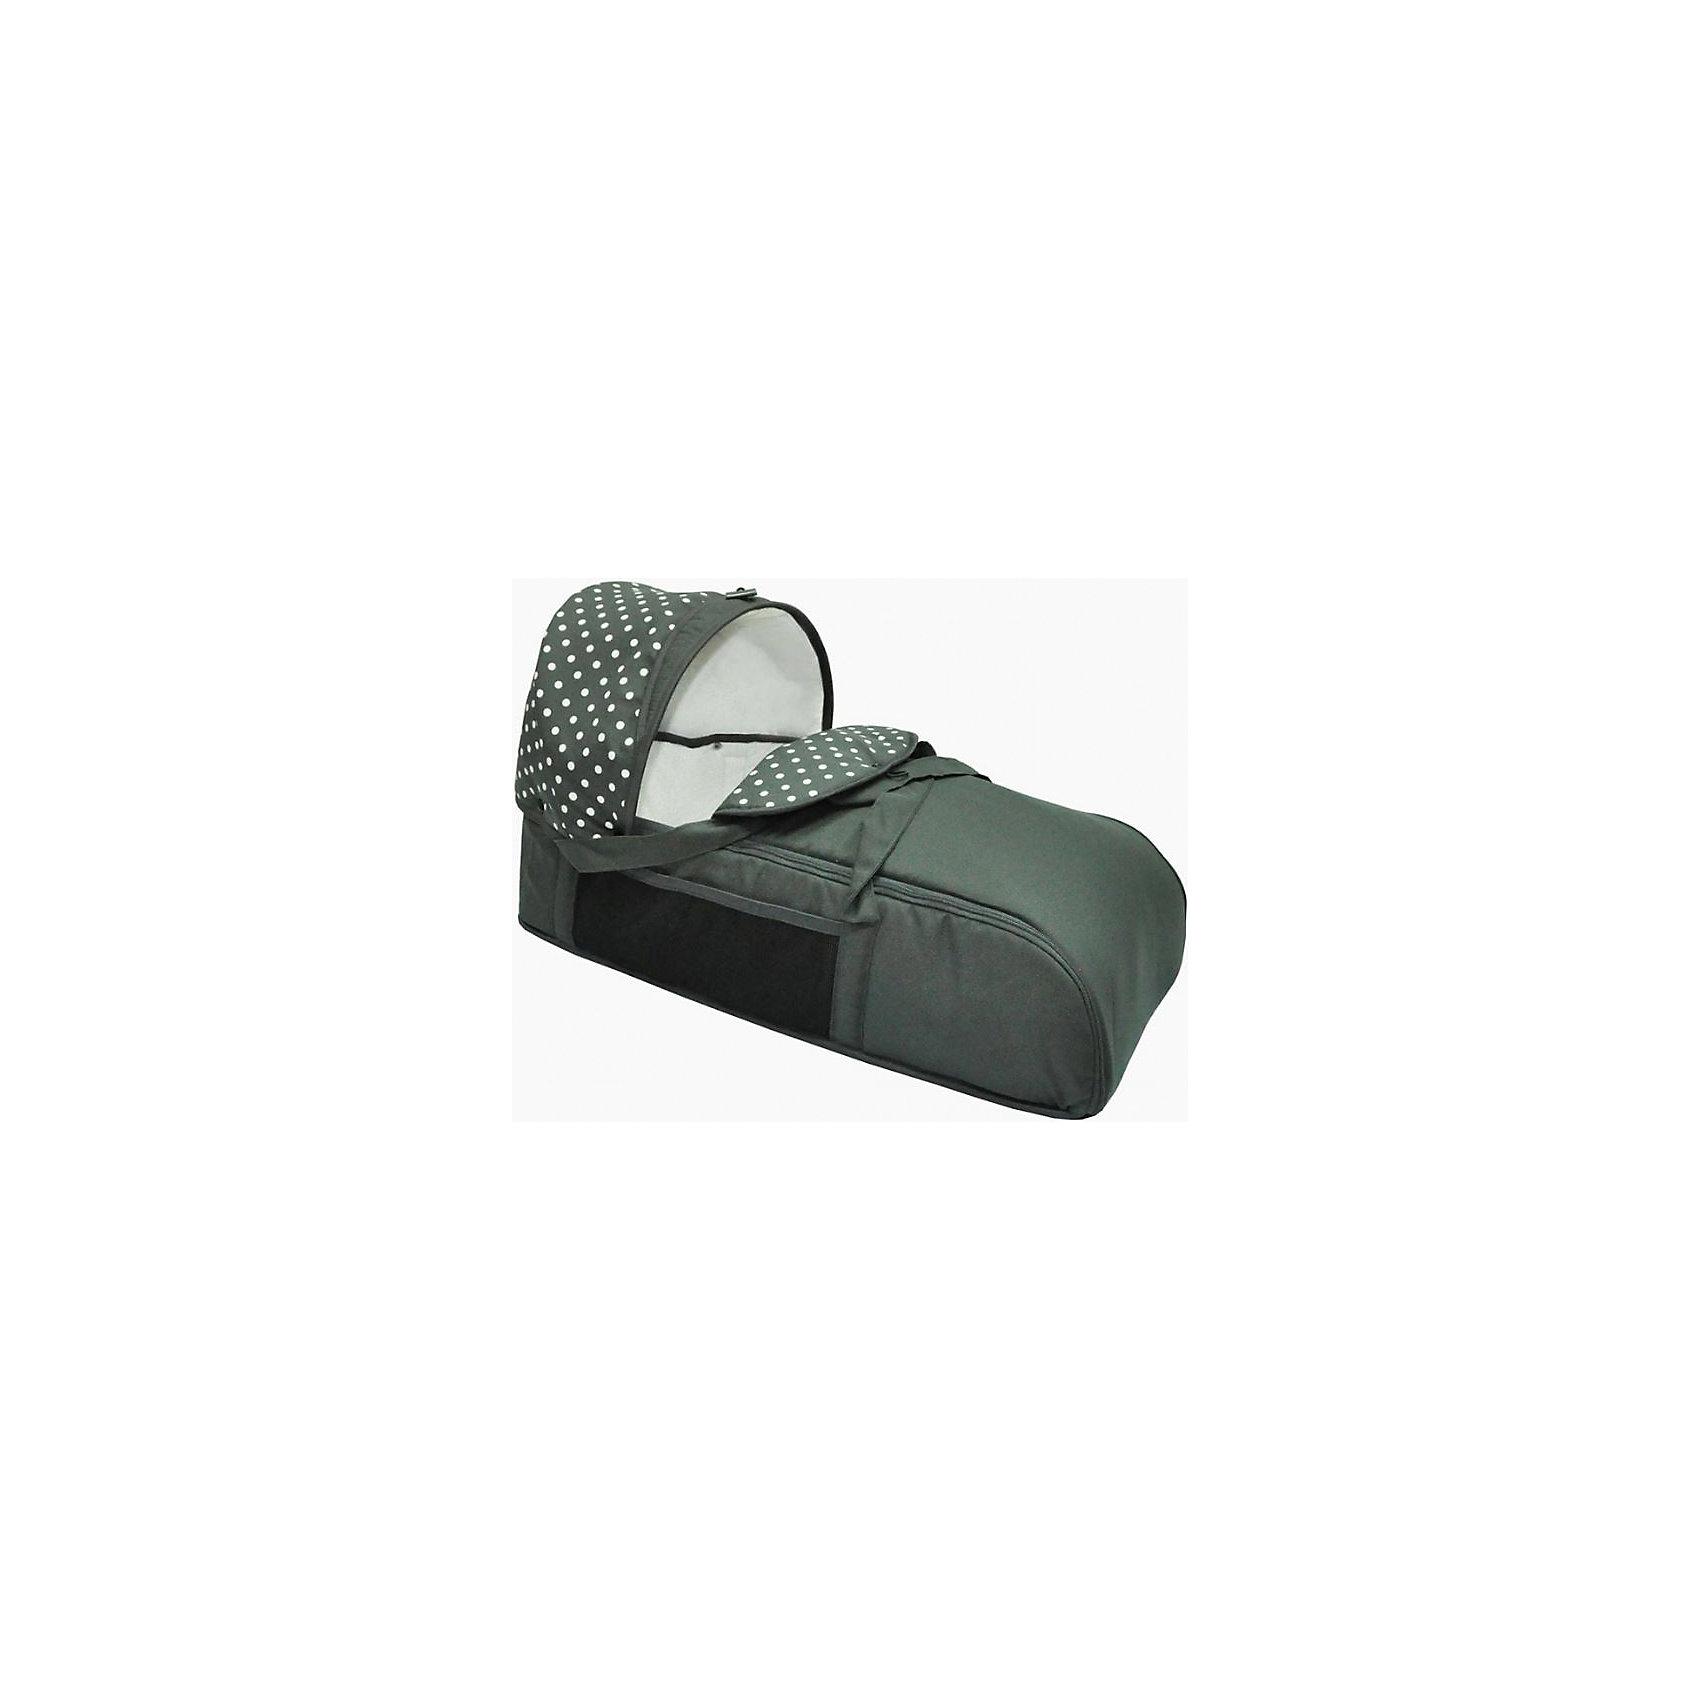 Люлька-переноска для коляски АЛИСА, Лео, серый горох (ЛЕО)